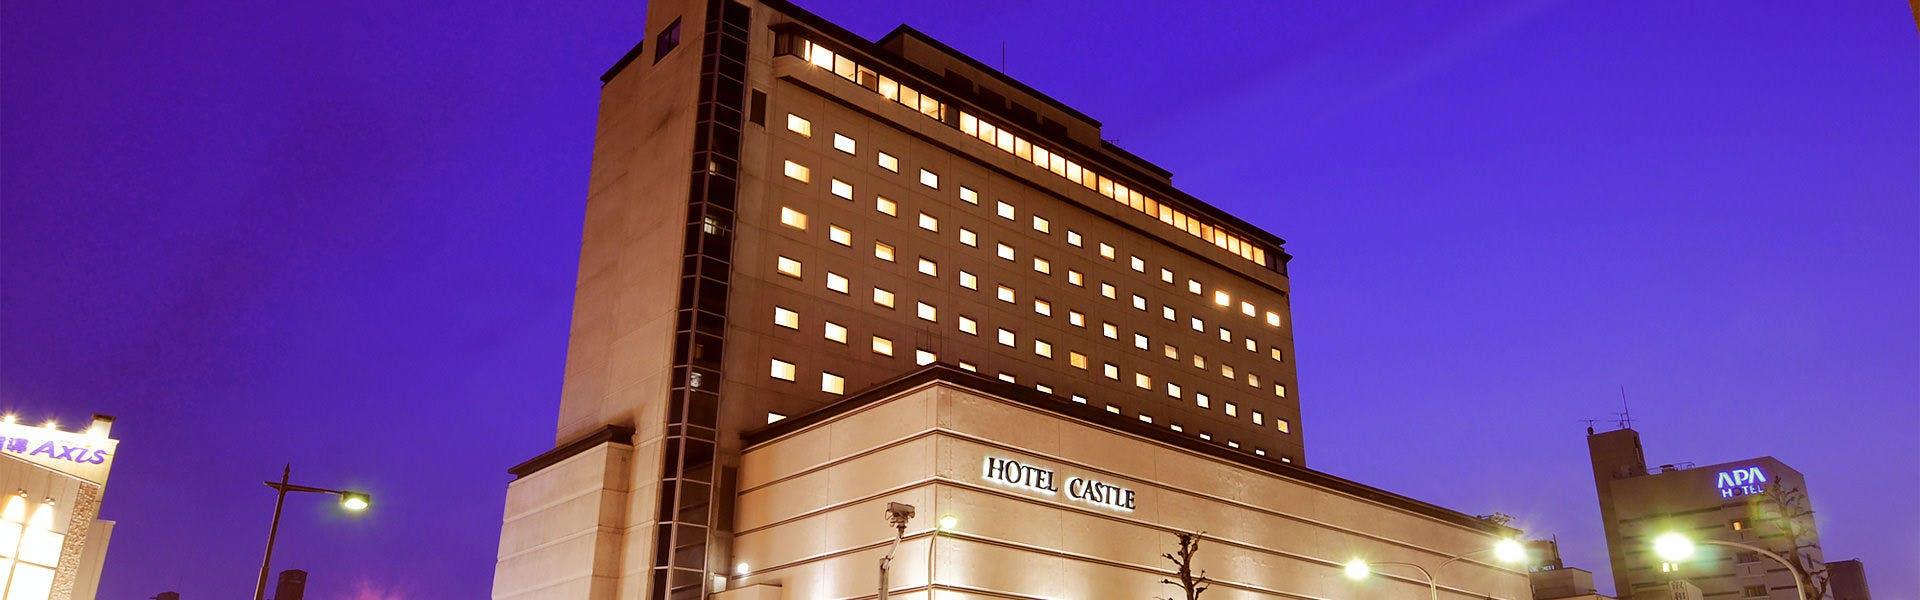 記念日におすすめのホテル・【ホテルキャッスル山形】 の空室状況を確認するの写真1